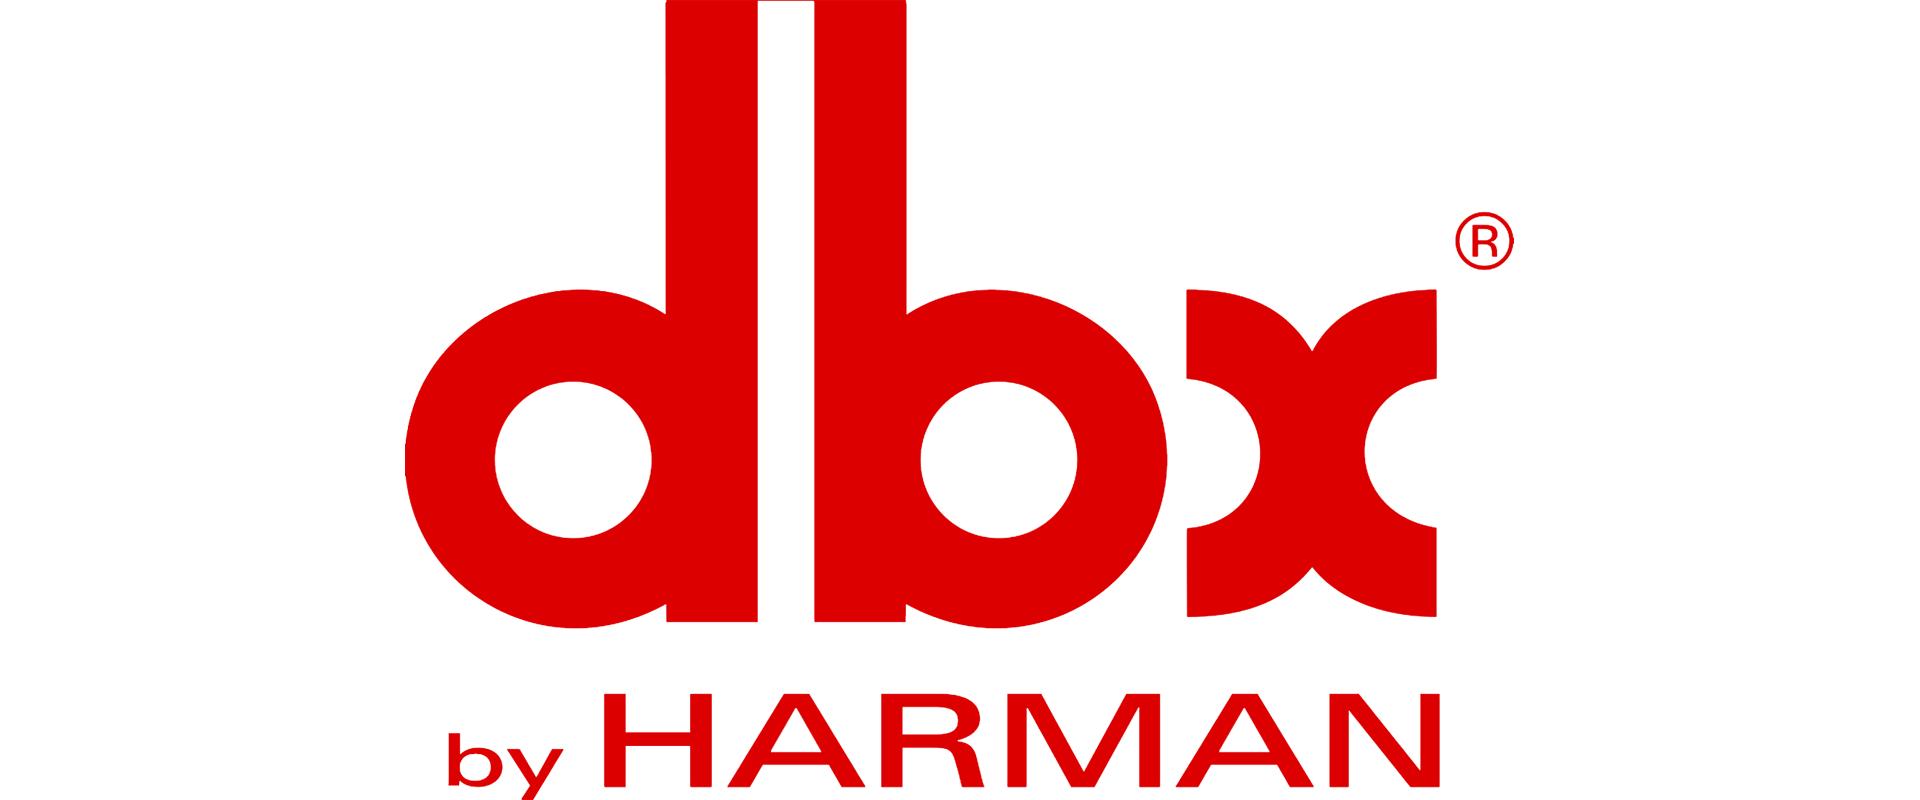 哈曼国际美国DBX处理器 简介——美国DBX产品品牌商标LOGO标志